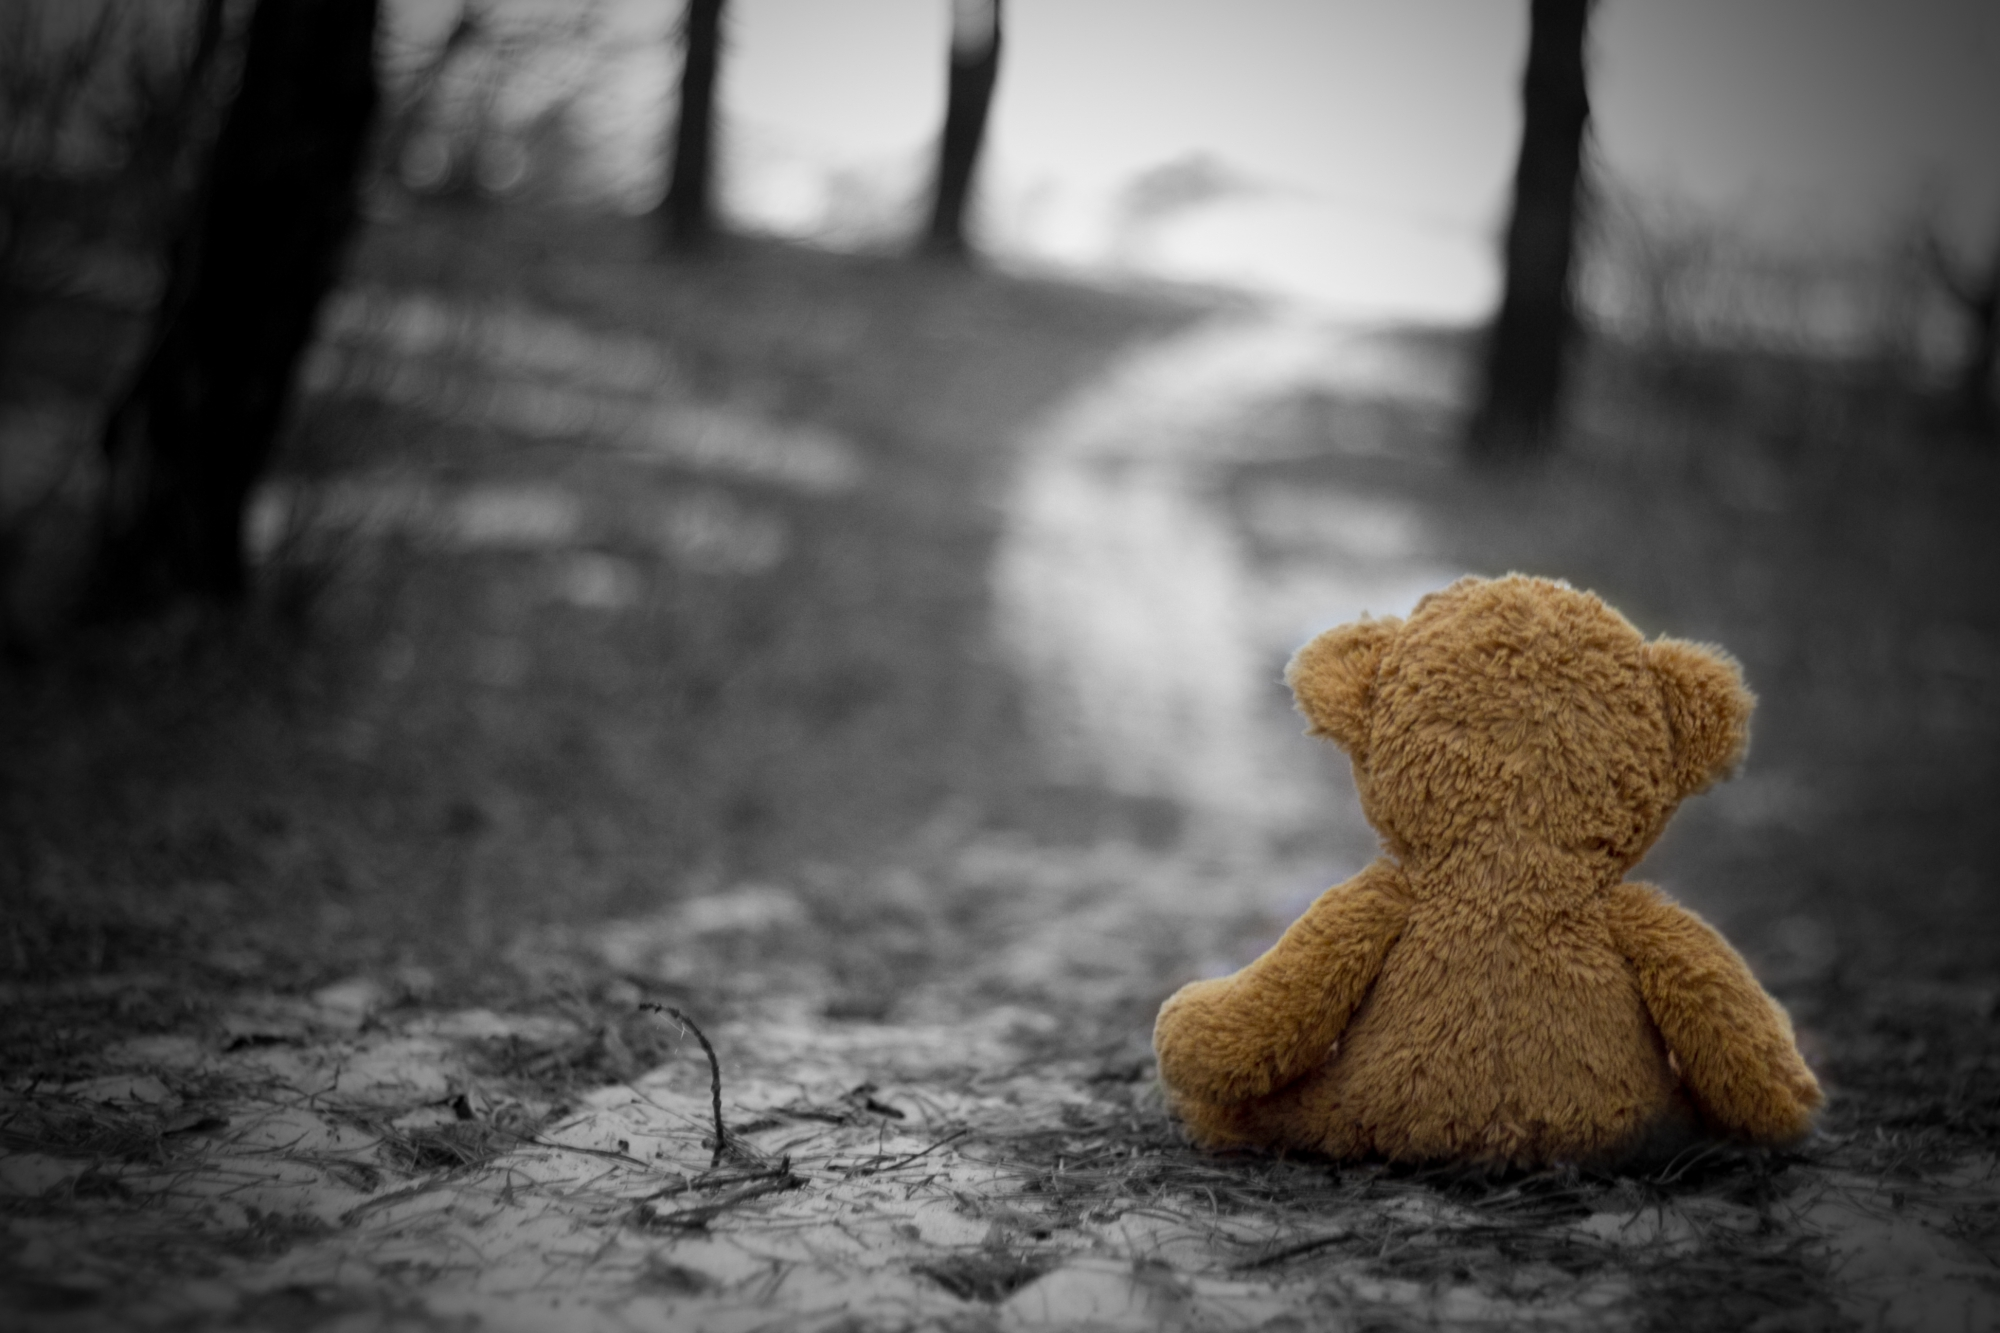 фотограф, картинки про печаль на душе подготовки